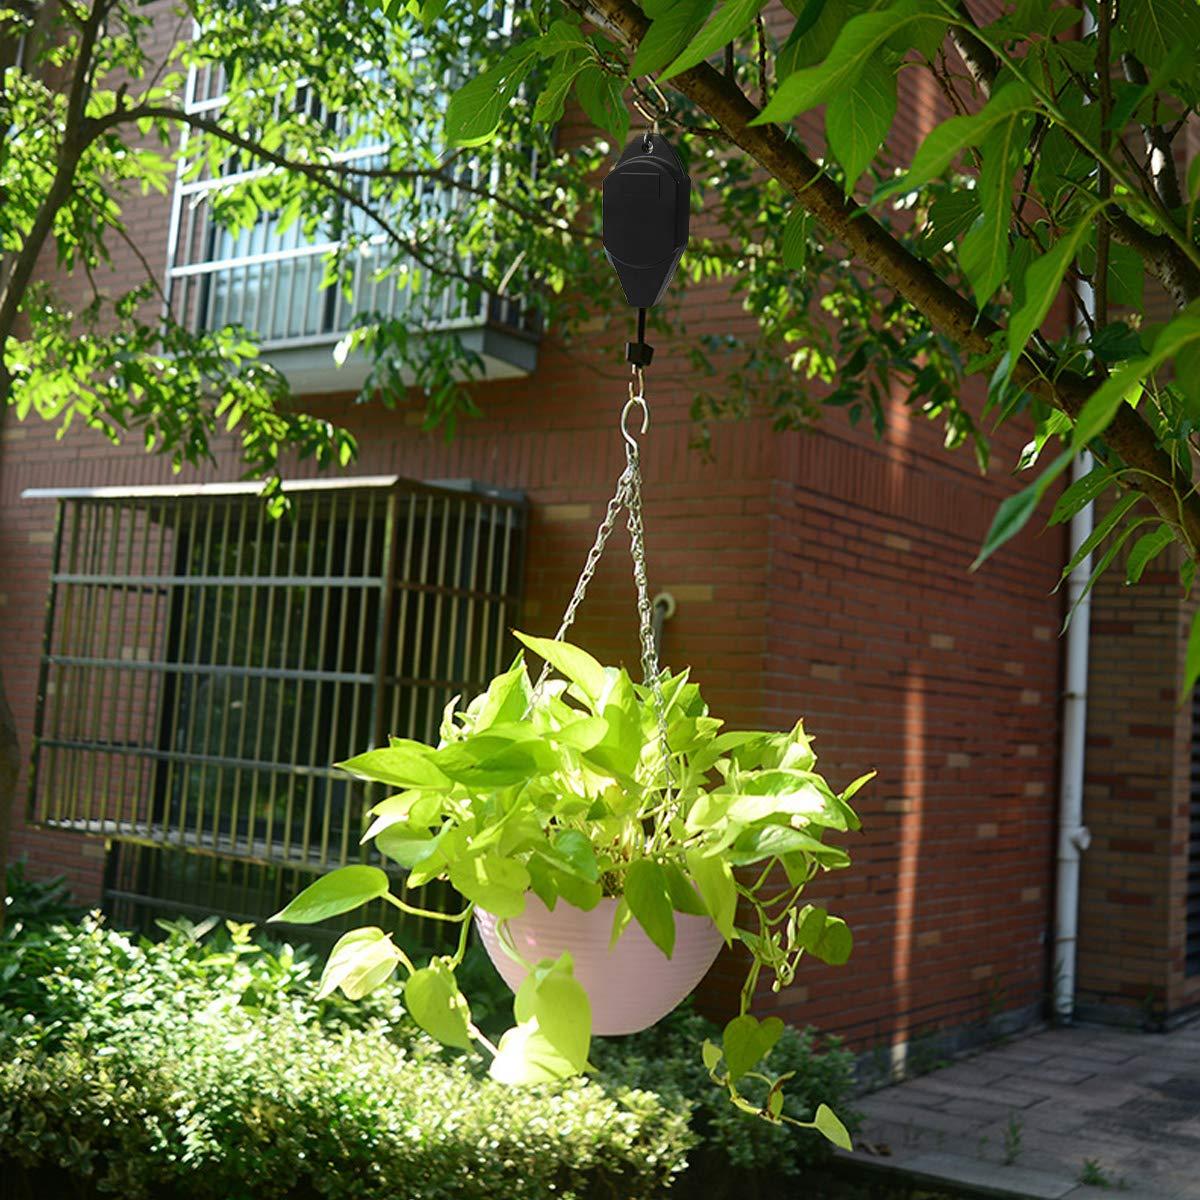 NATUCE R/églables Poulie pour Plantes,Lot de 2 R/étractable Plantes Poulie Suspension pour paniers de Jardin et Oiseaux Mangeoire /à Suspendre D/écoration Int/érieur ou ext/érieur